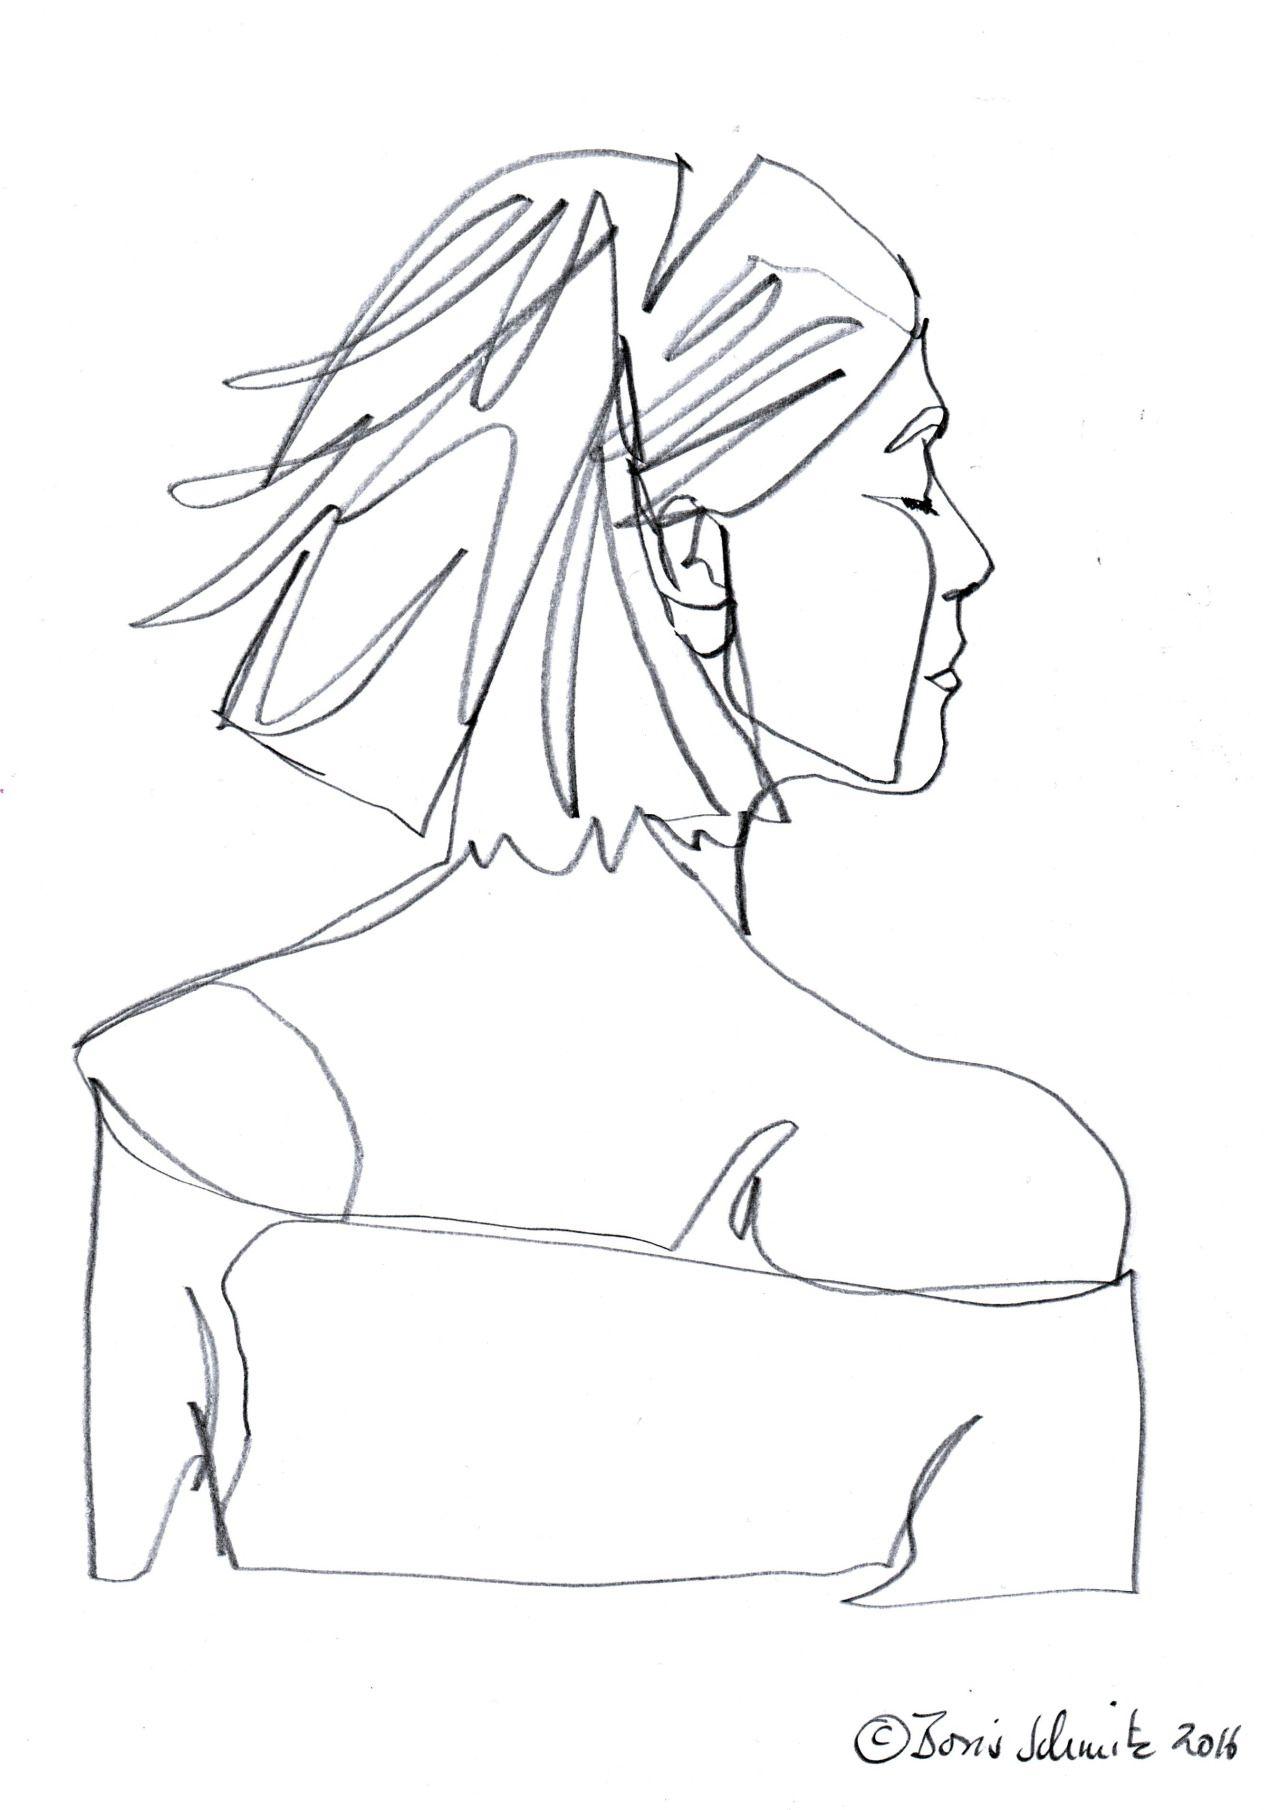 """Continuous Line Art : Borisschmitz """"profil perdu ″ continuous line drawing"""